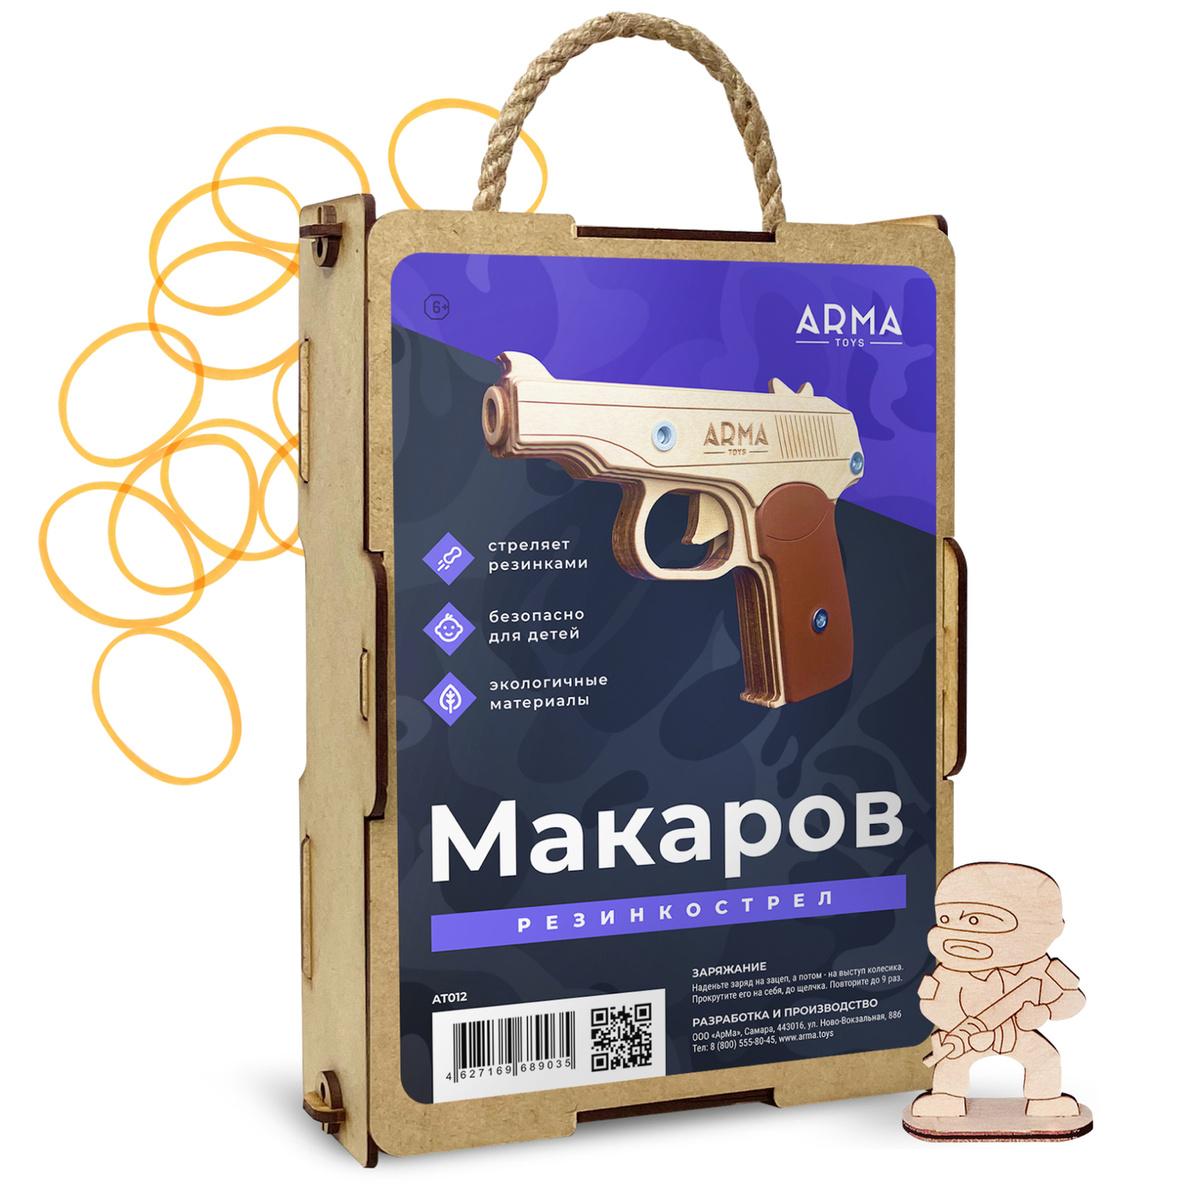 Резинкострел макаров пистолет футер 3 нитка с начесом отзывы